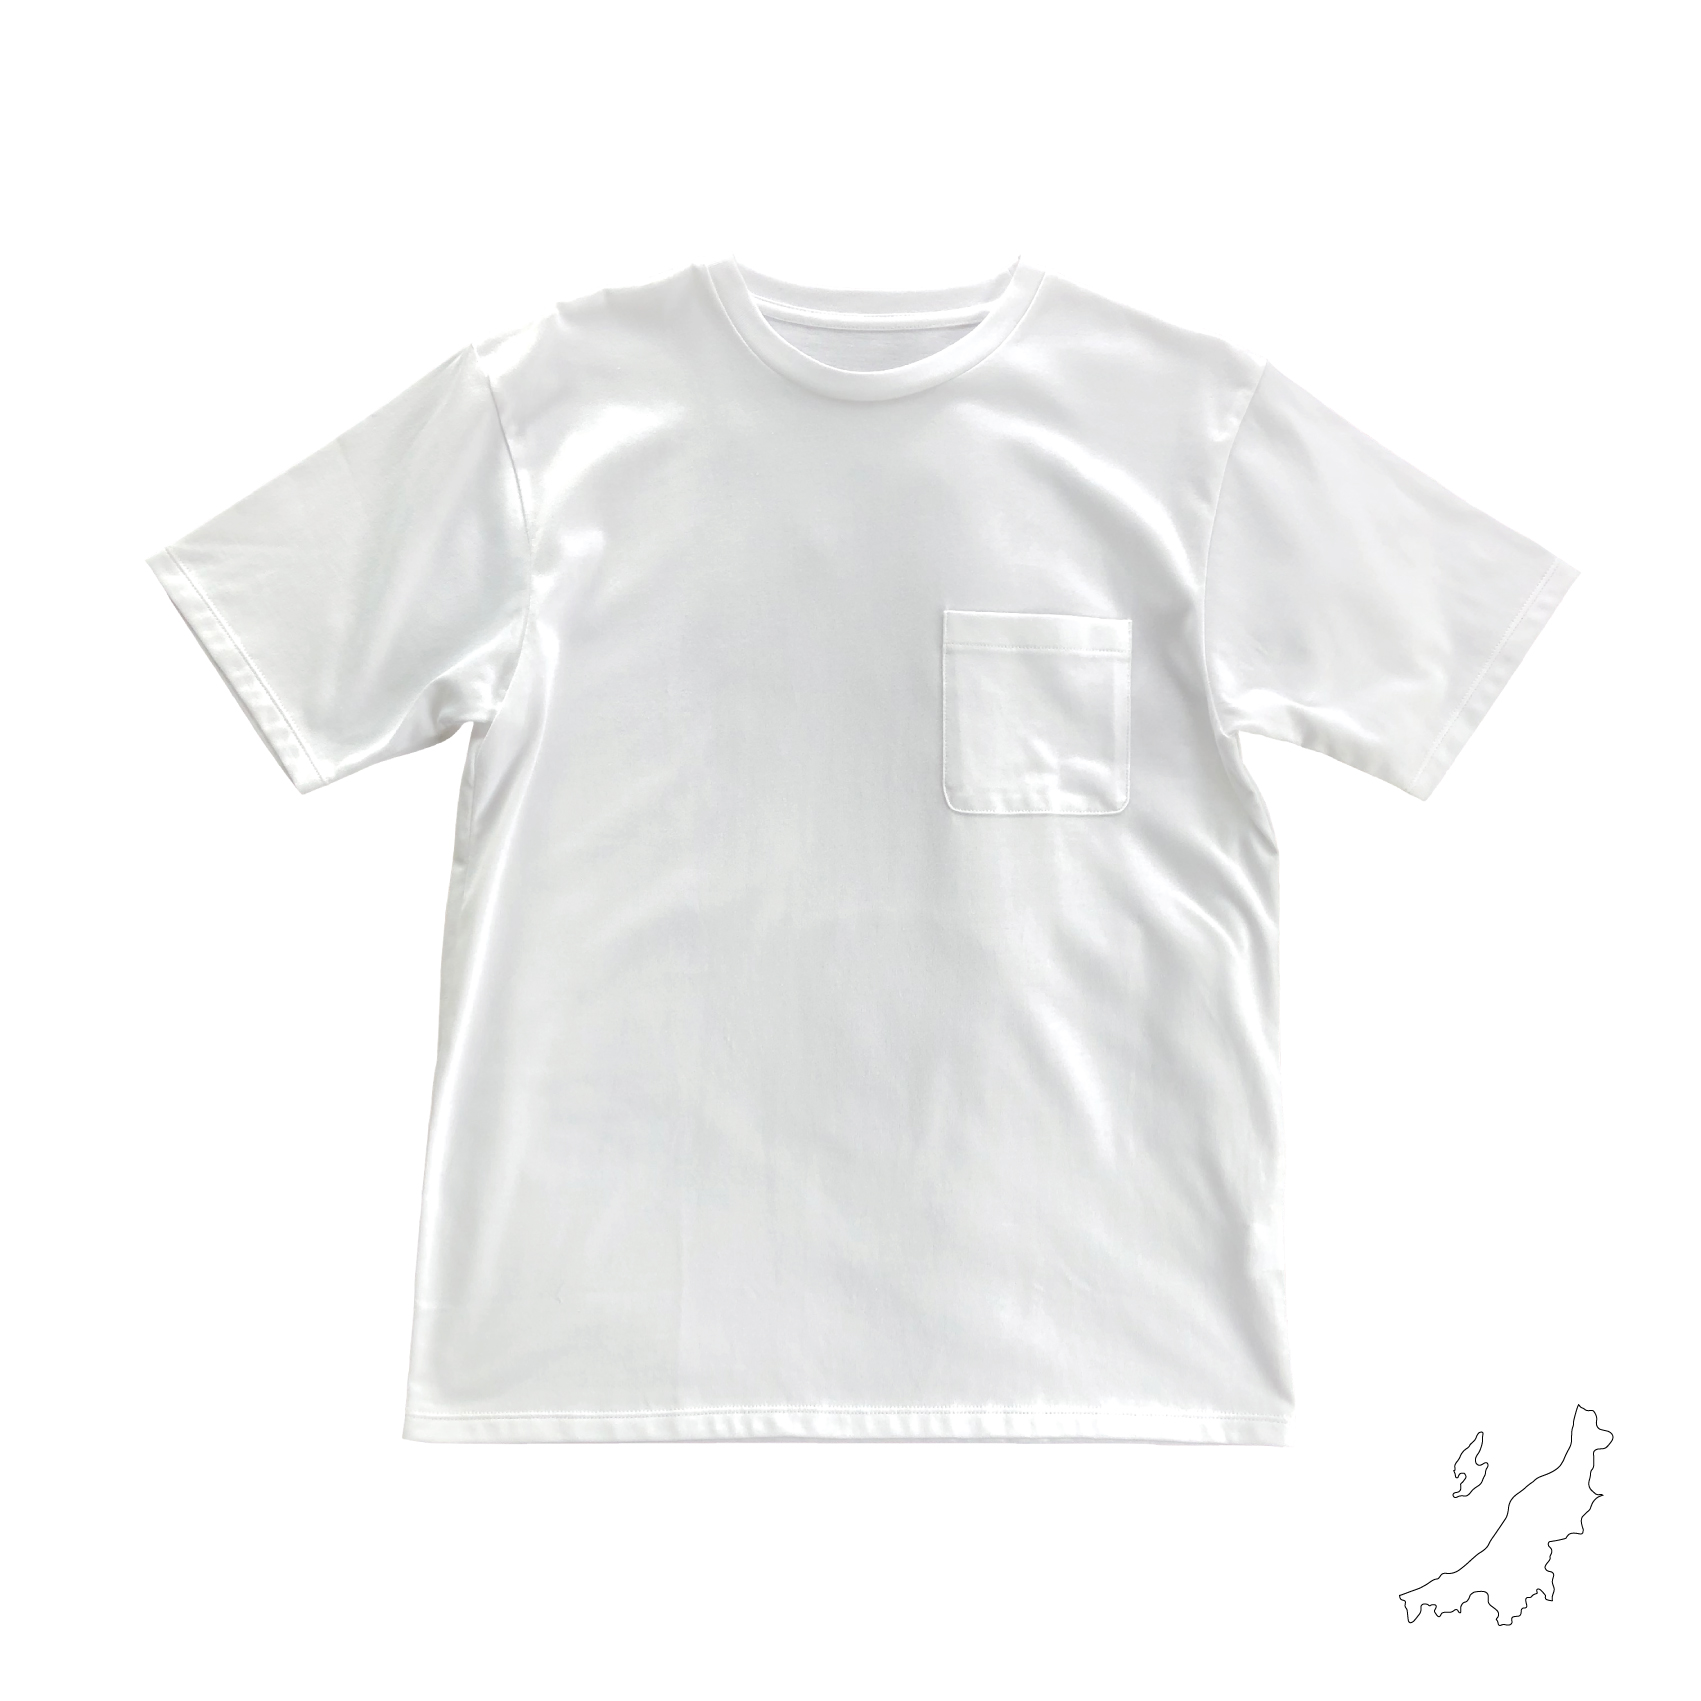 着ごこちがいいポケットTシャツ <NIIGATA>